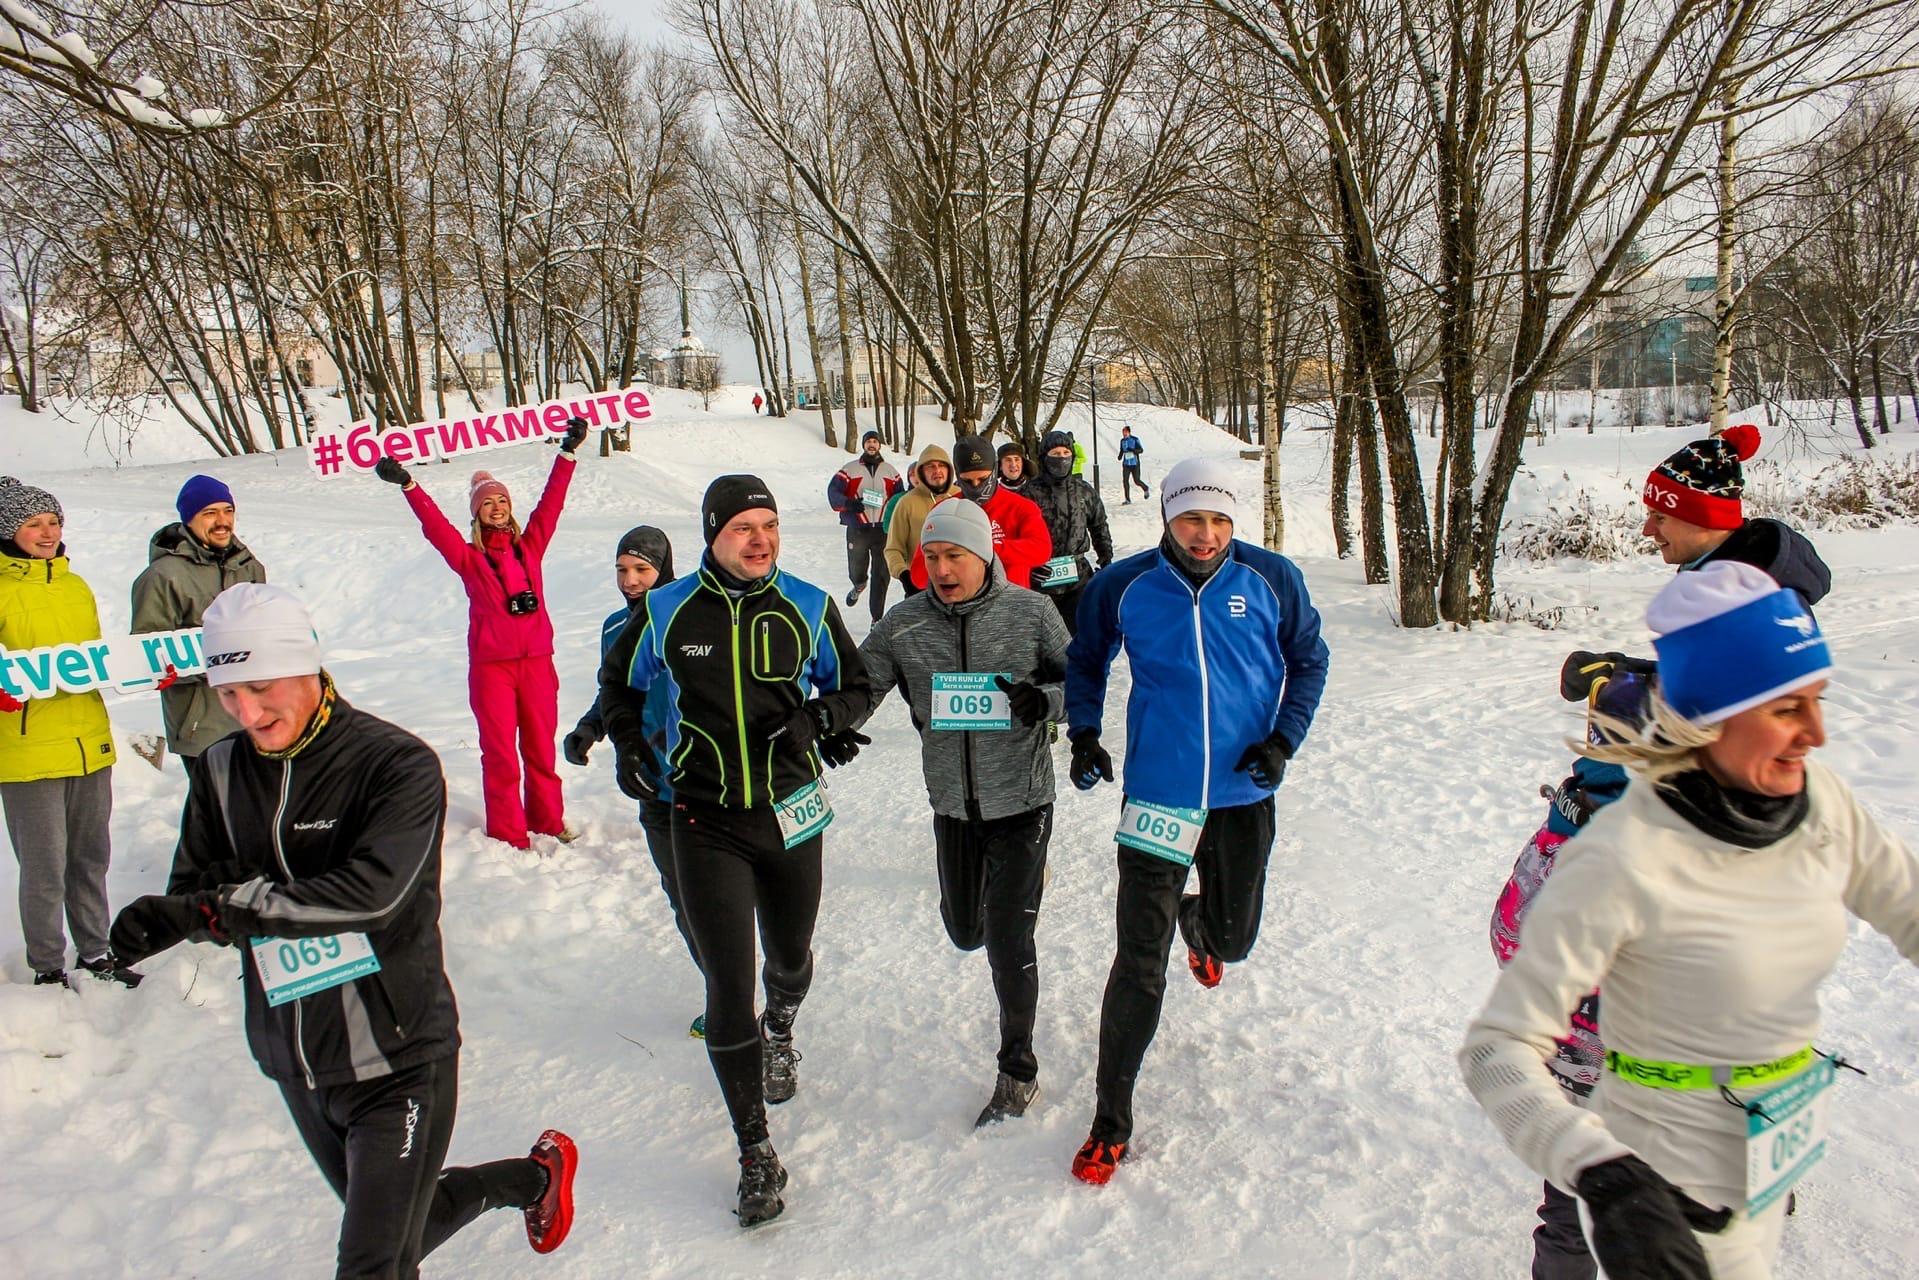 Тверские атлеты пробегут в Санкт-Петербурге марафон «Дорога жизни»